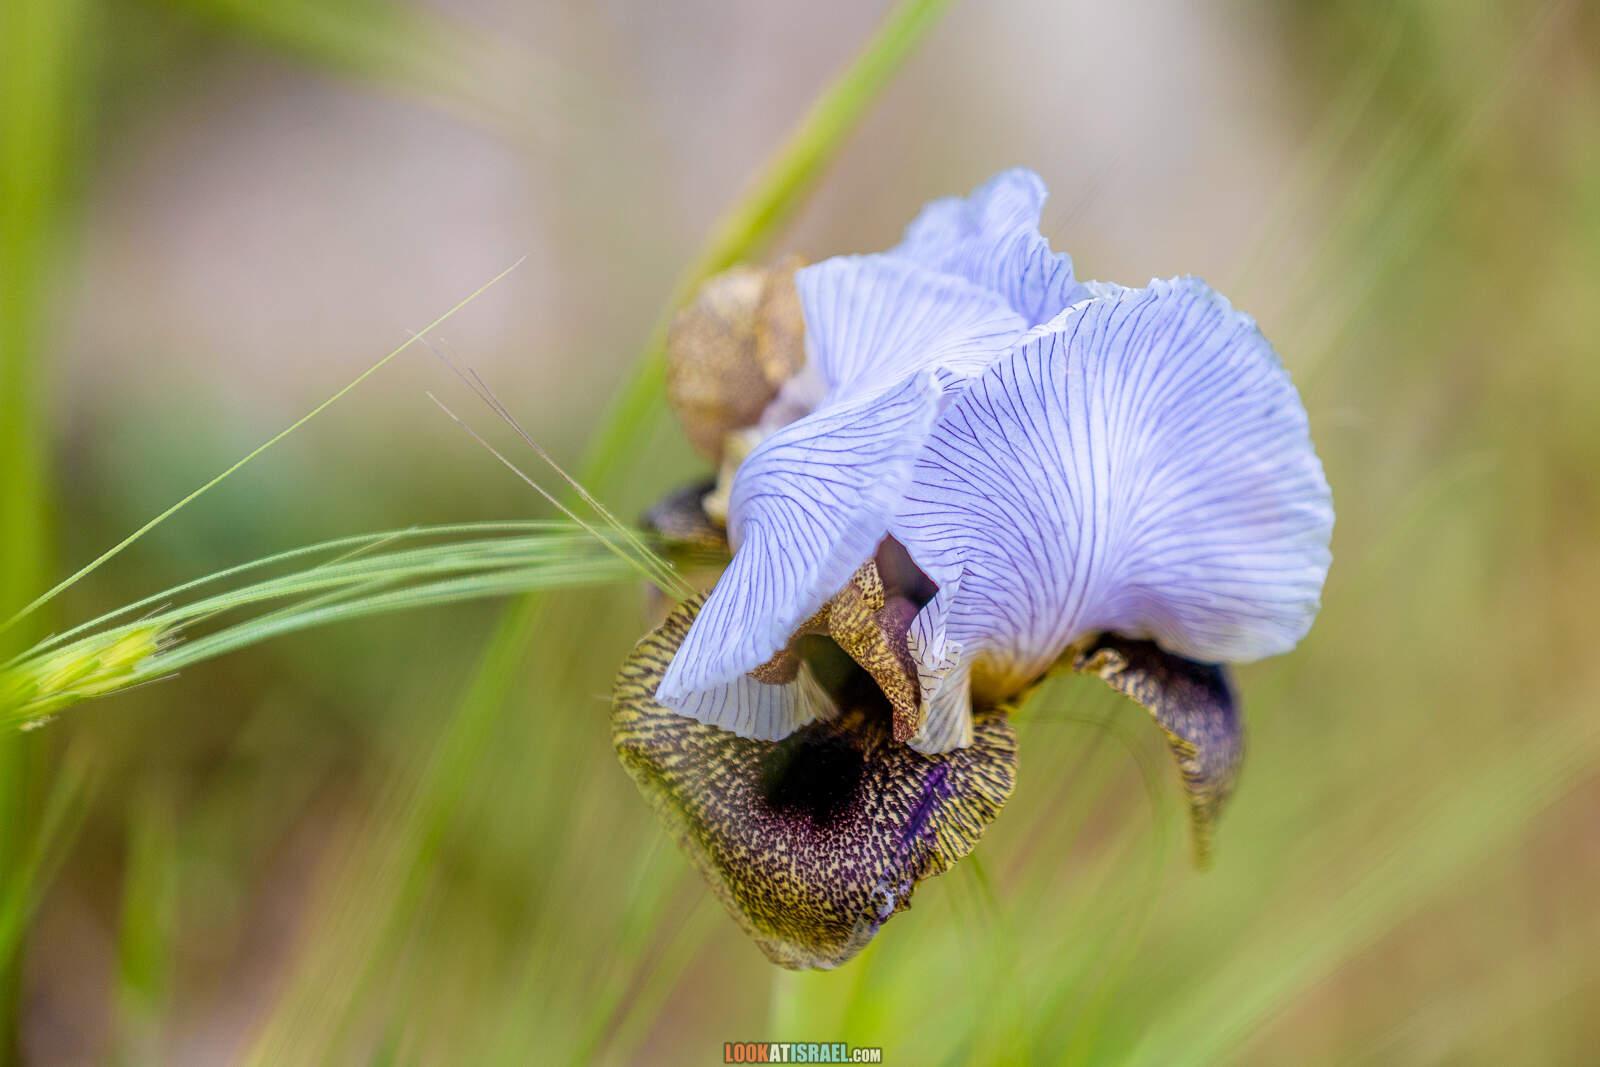 Ирис Хермонский (Голанский) - Iris hermona - אִירוּס הַחֶרְמוֹן או אִירִיס הגולן